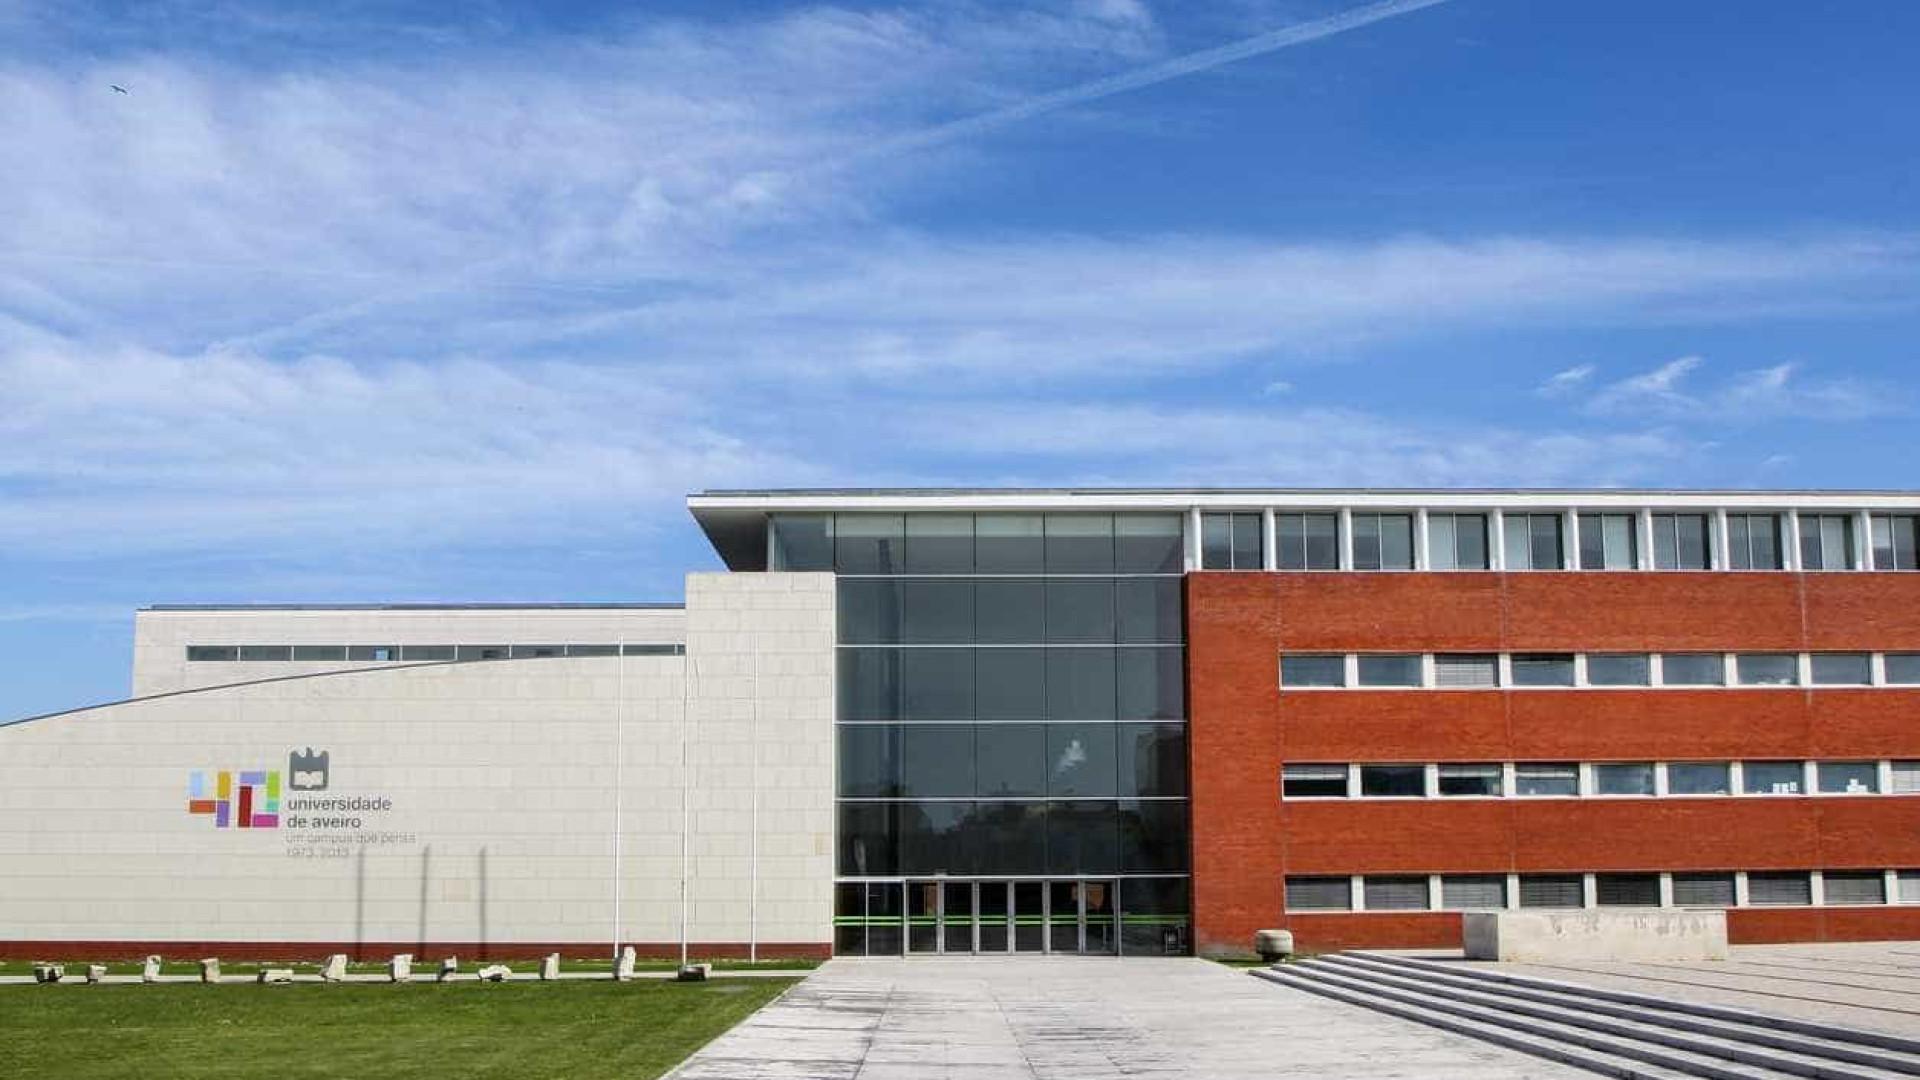 BE critica estágios a 120 euros, Universidade diz serem curriculares